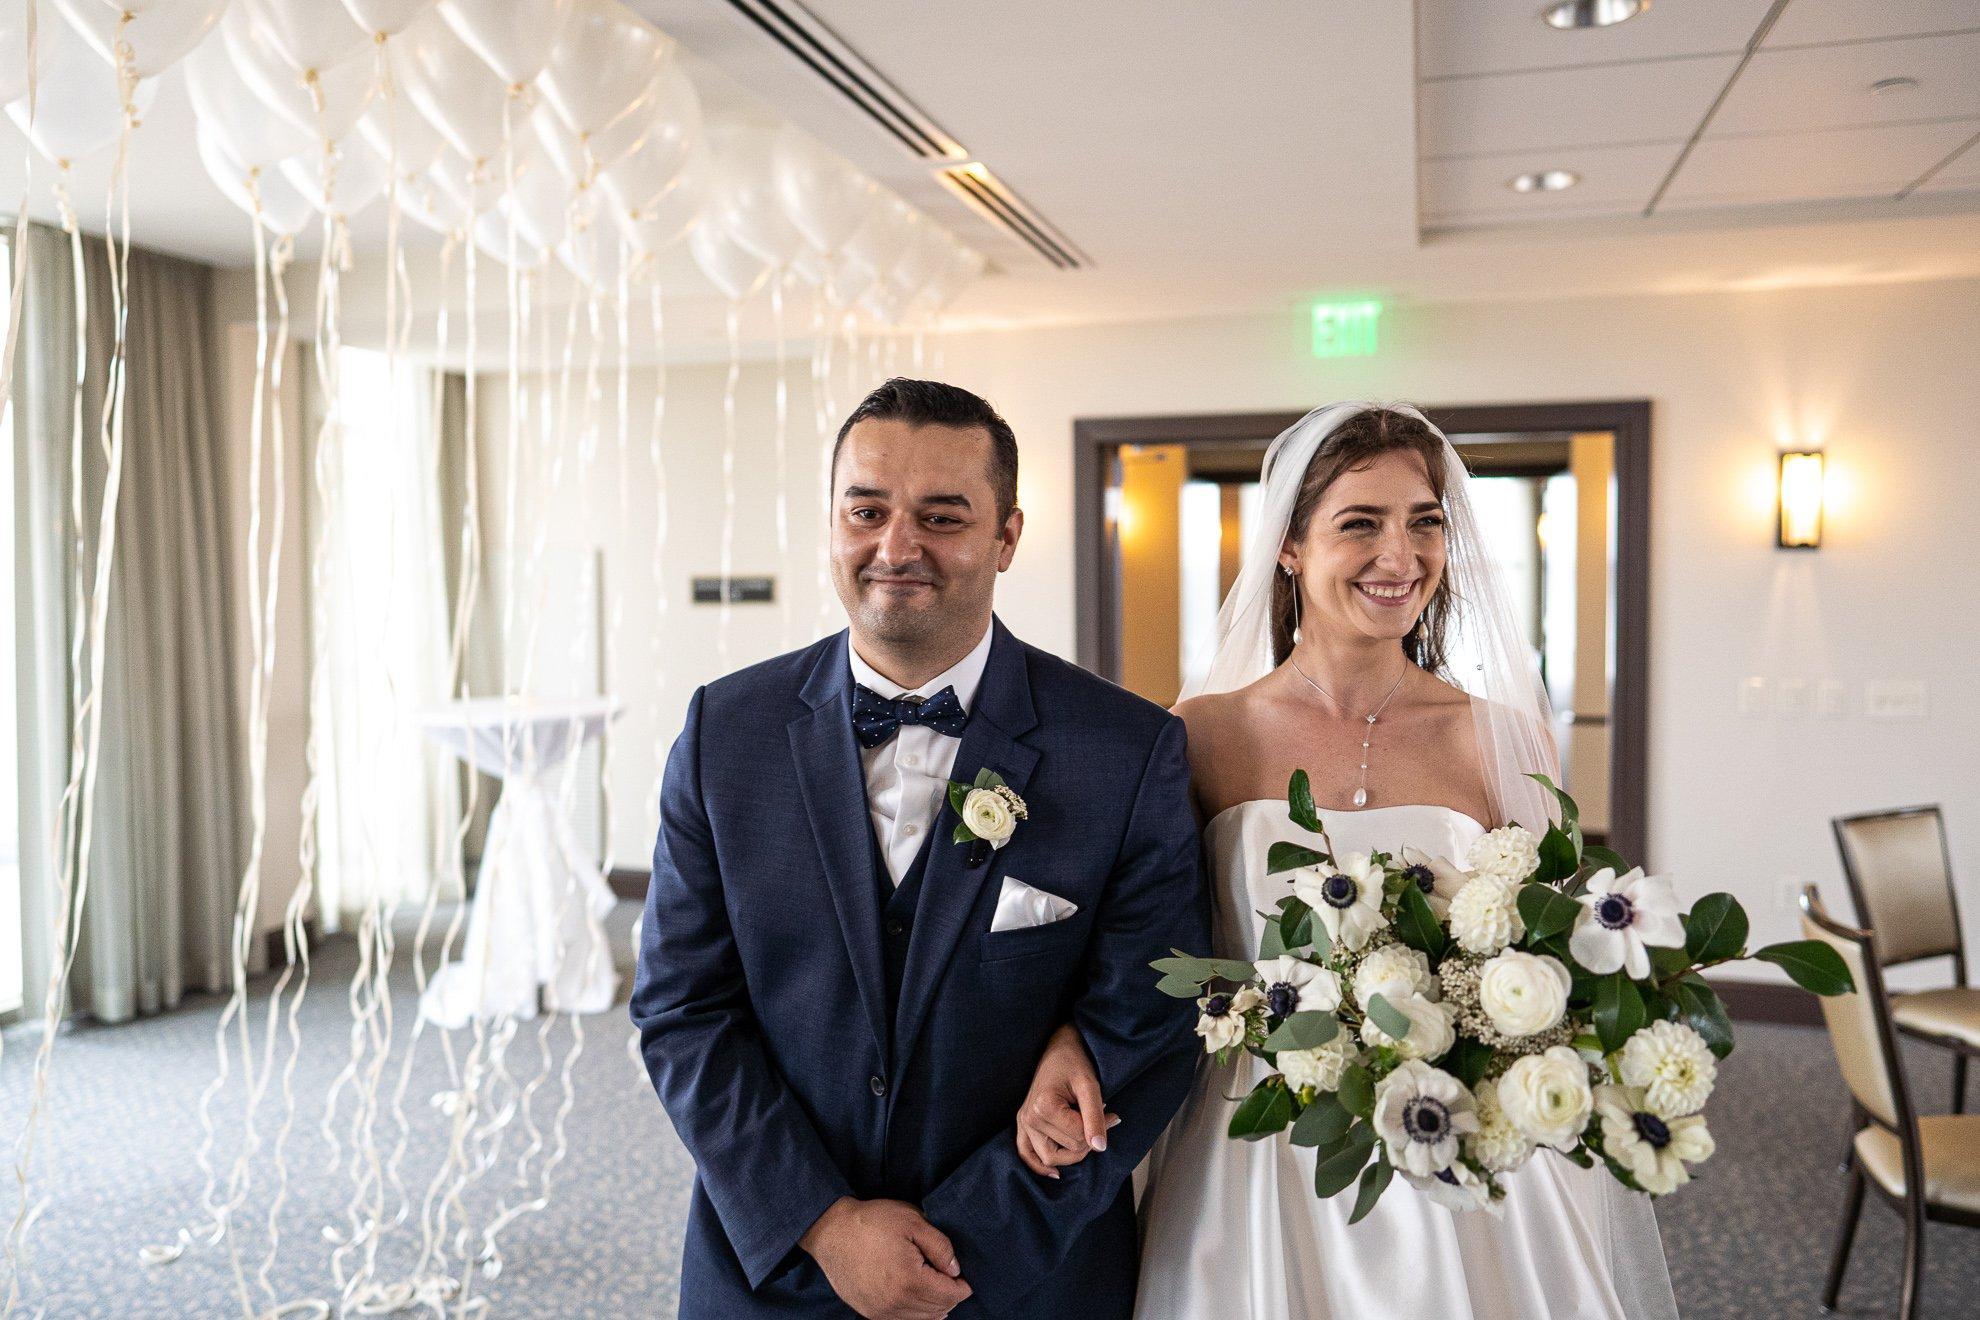 Madison WI Wedding Photographers ceremony entrance